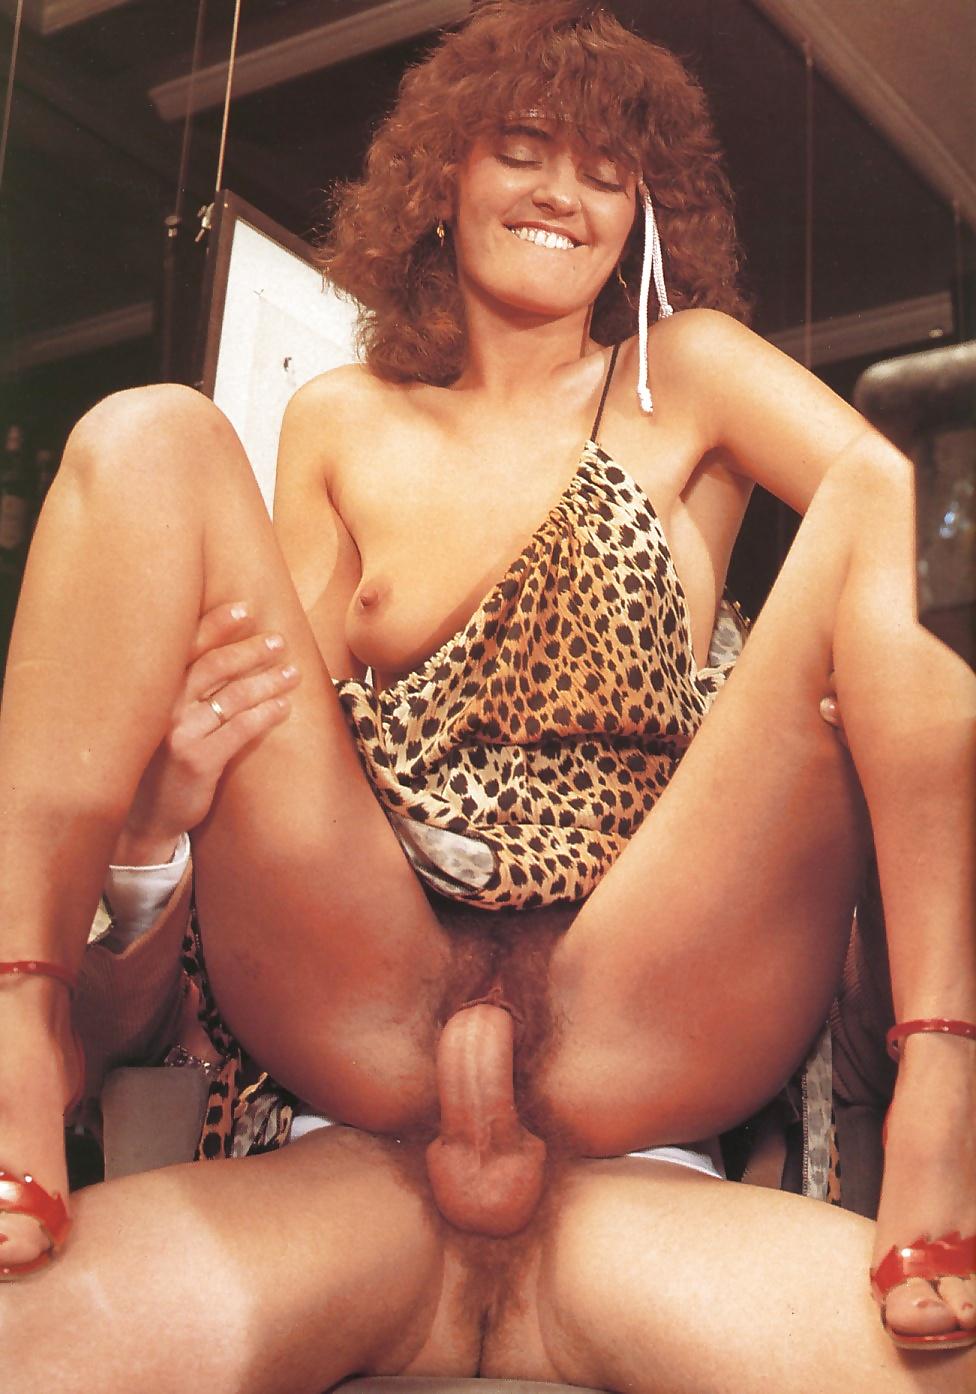 Dutch porn magazine, female masturbation public